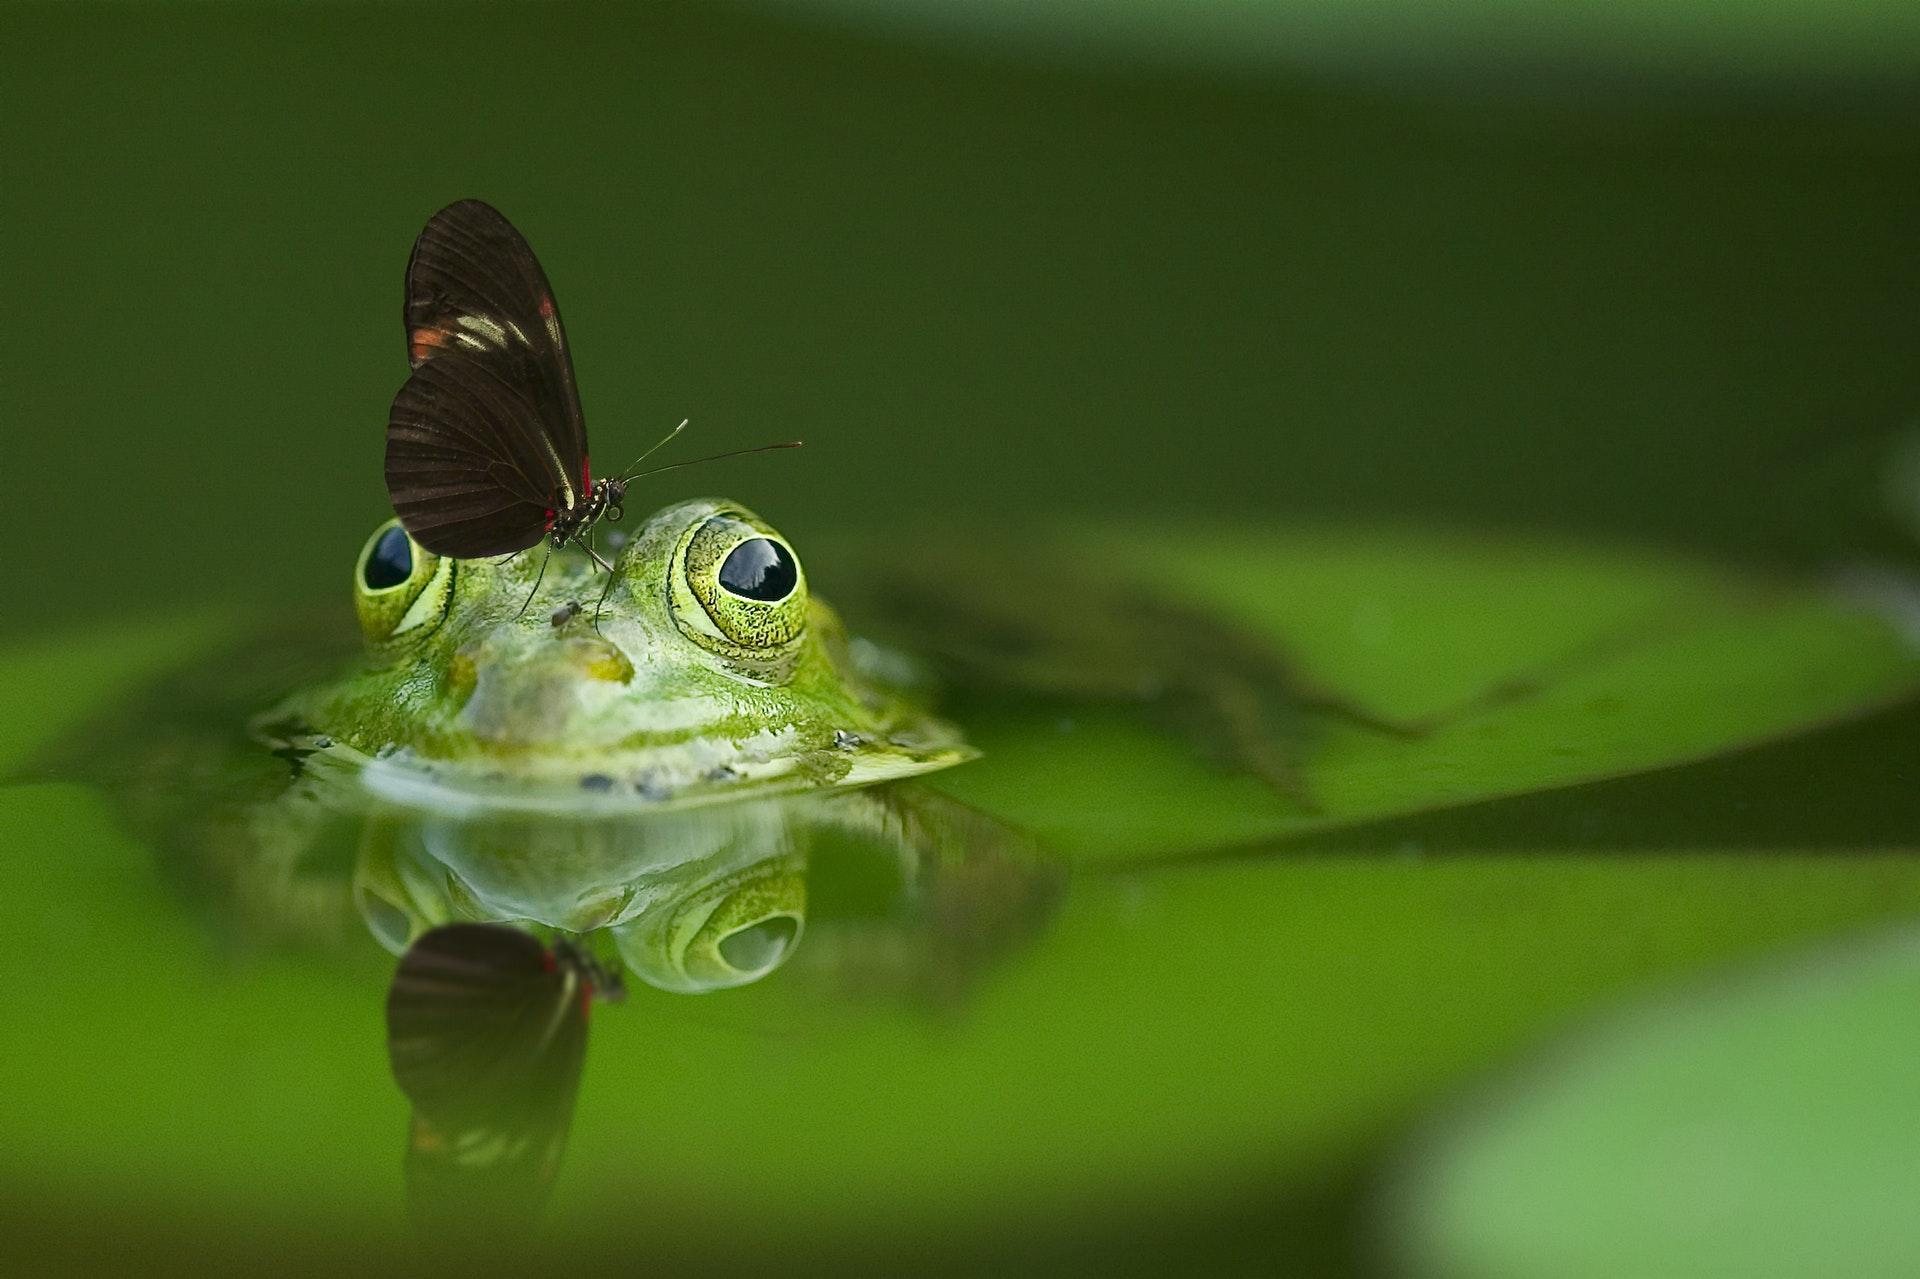 vlinder op kikker